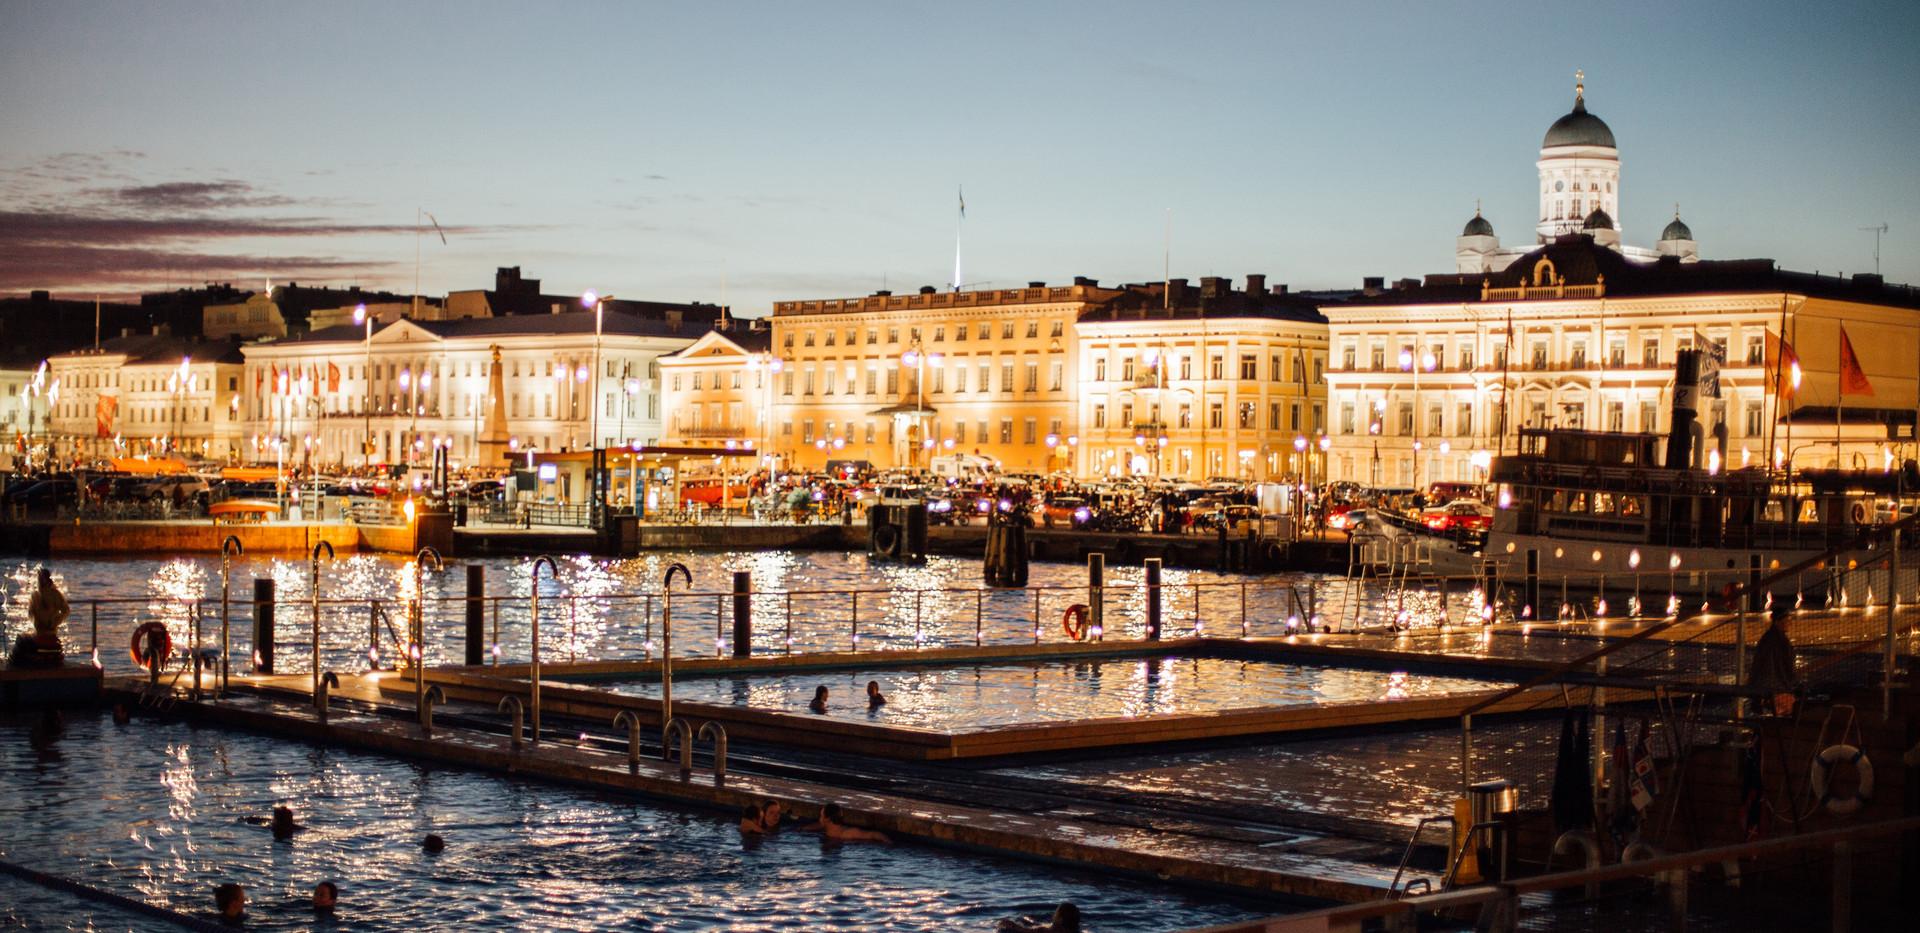 Finland Helsinki AllasSeaPool people hig